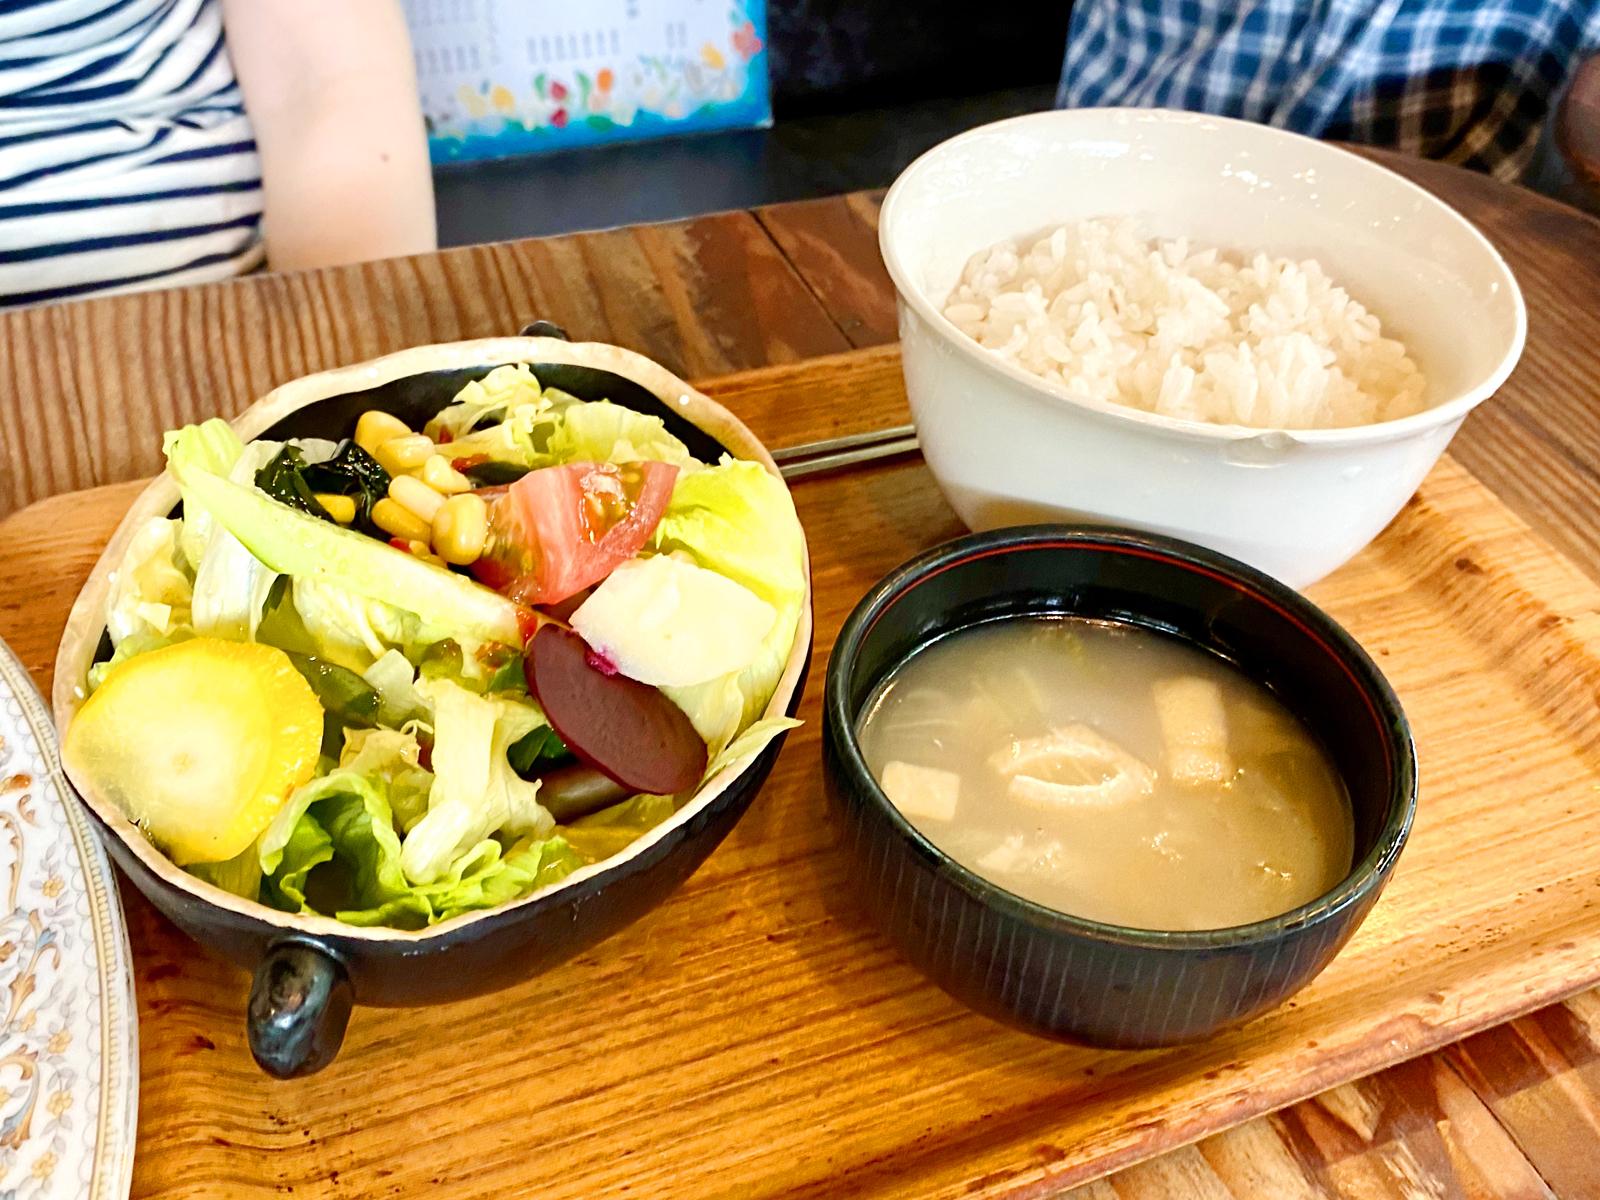 豚肉と野菜のスタミナ焼き定食 990円(サラダ、味噌汁、ごはん